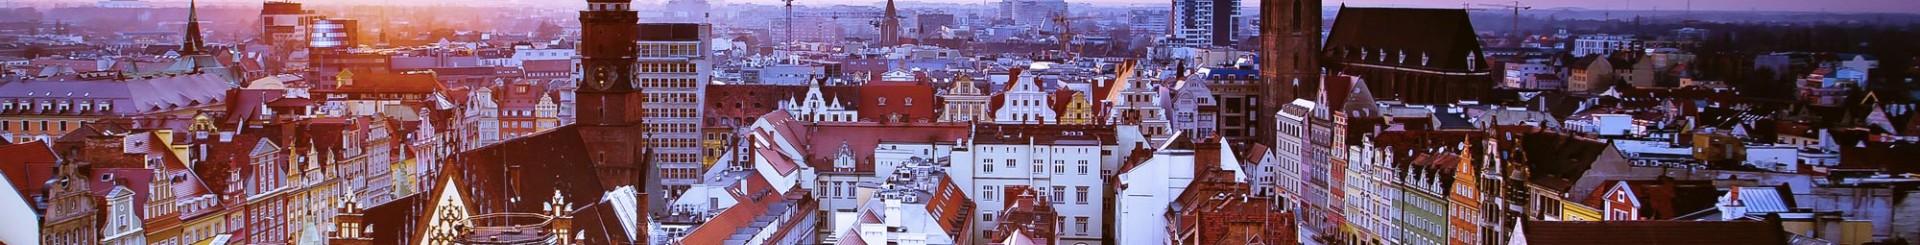 Voyage en Pologne